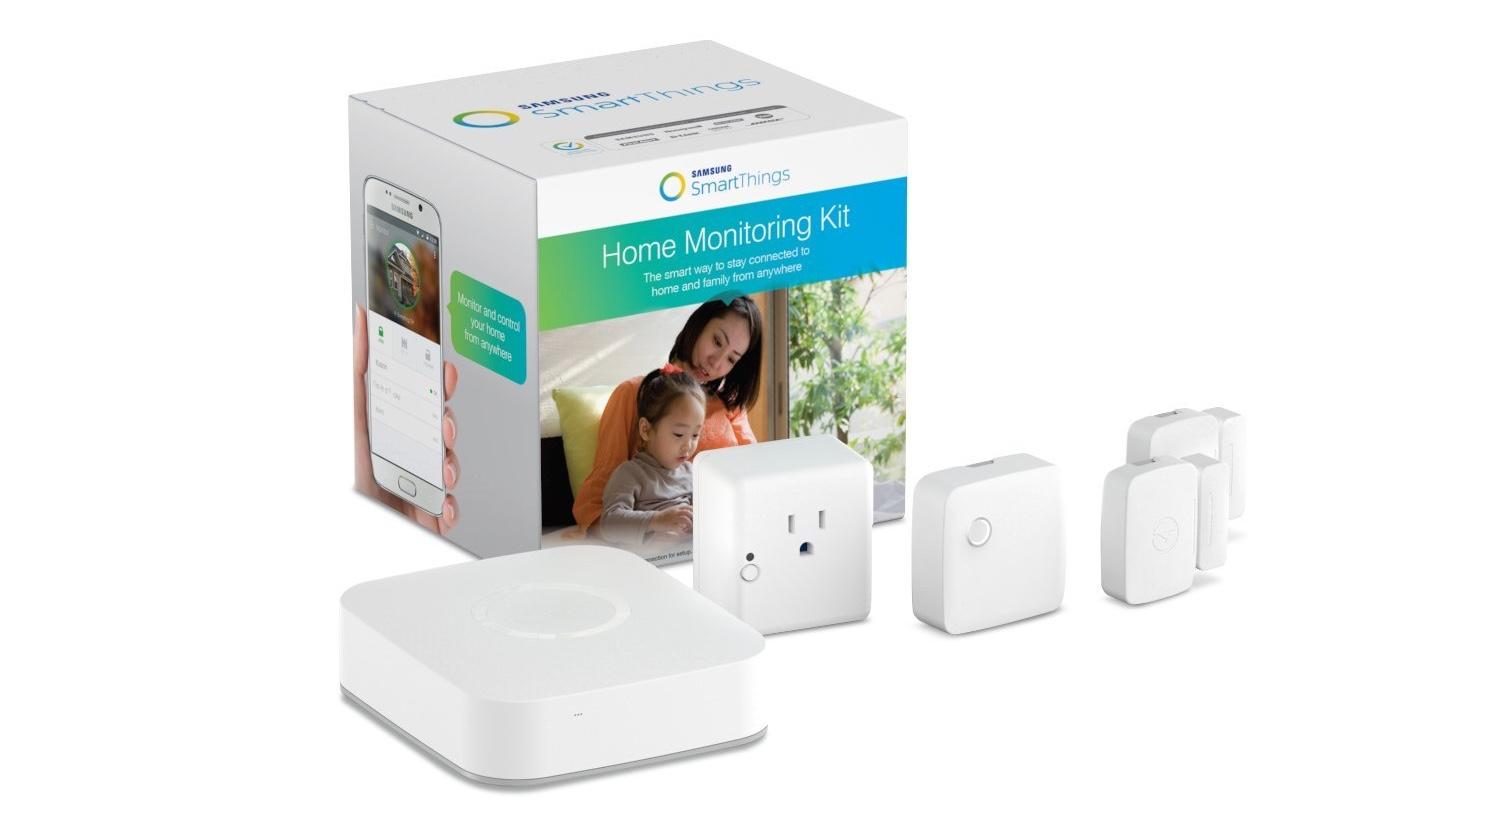 samsung-home-monitoring-kit